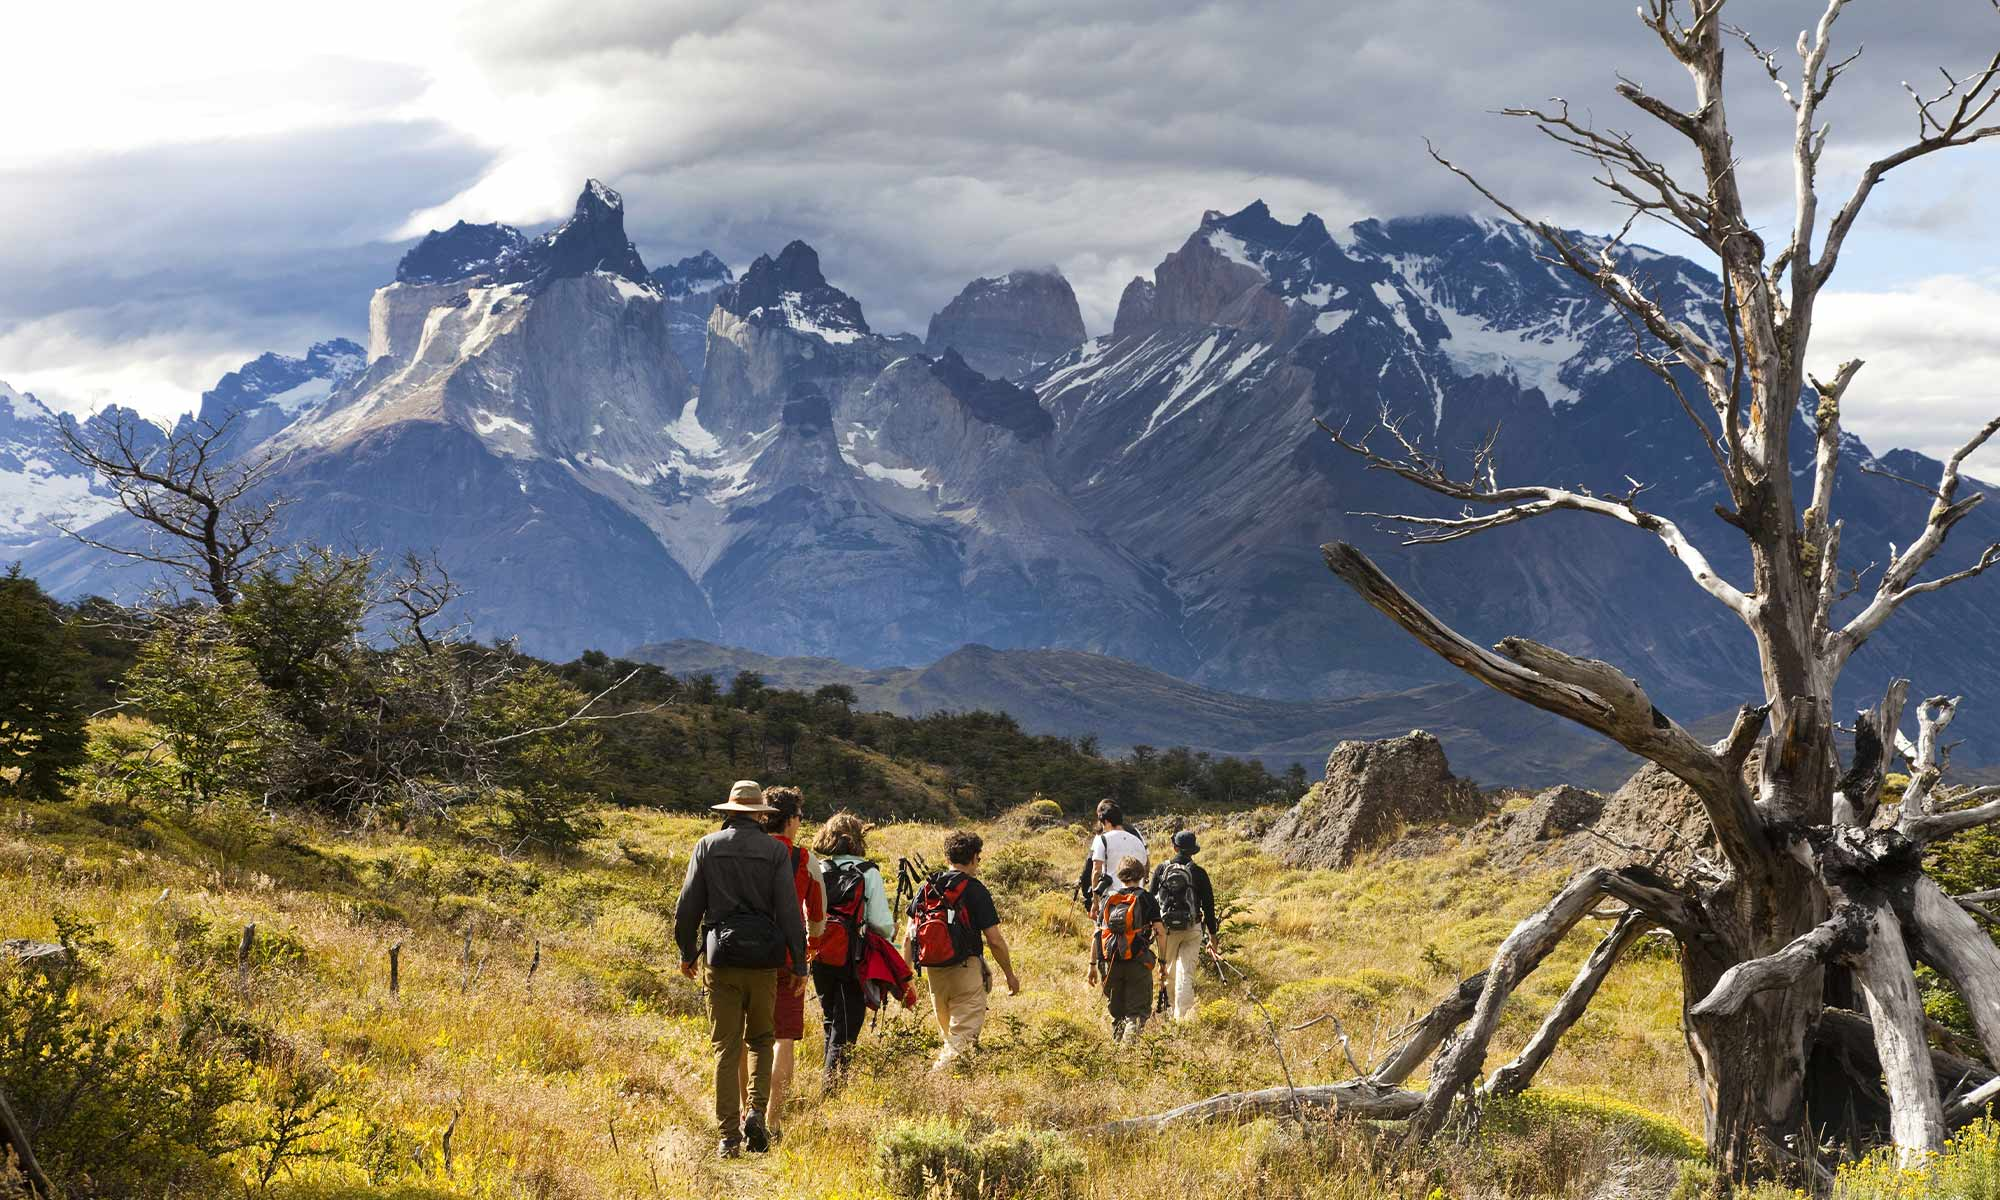 randonnée dans le parc national Torres del Païne